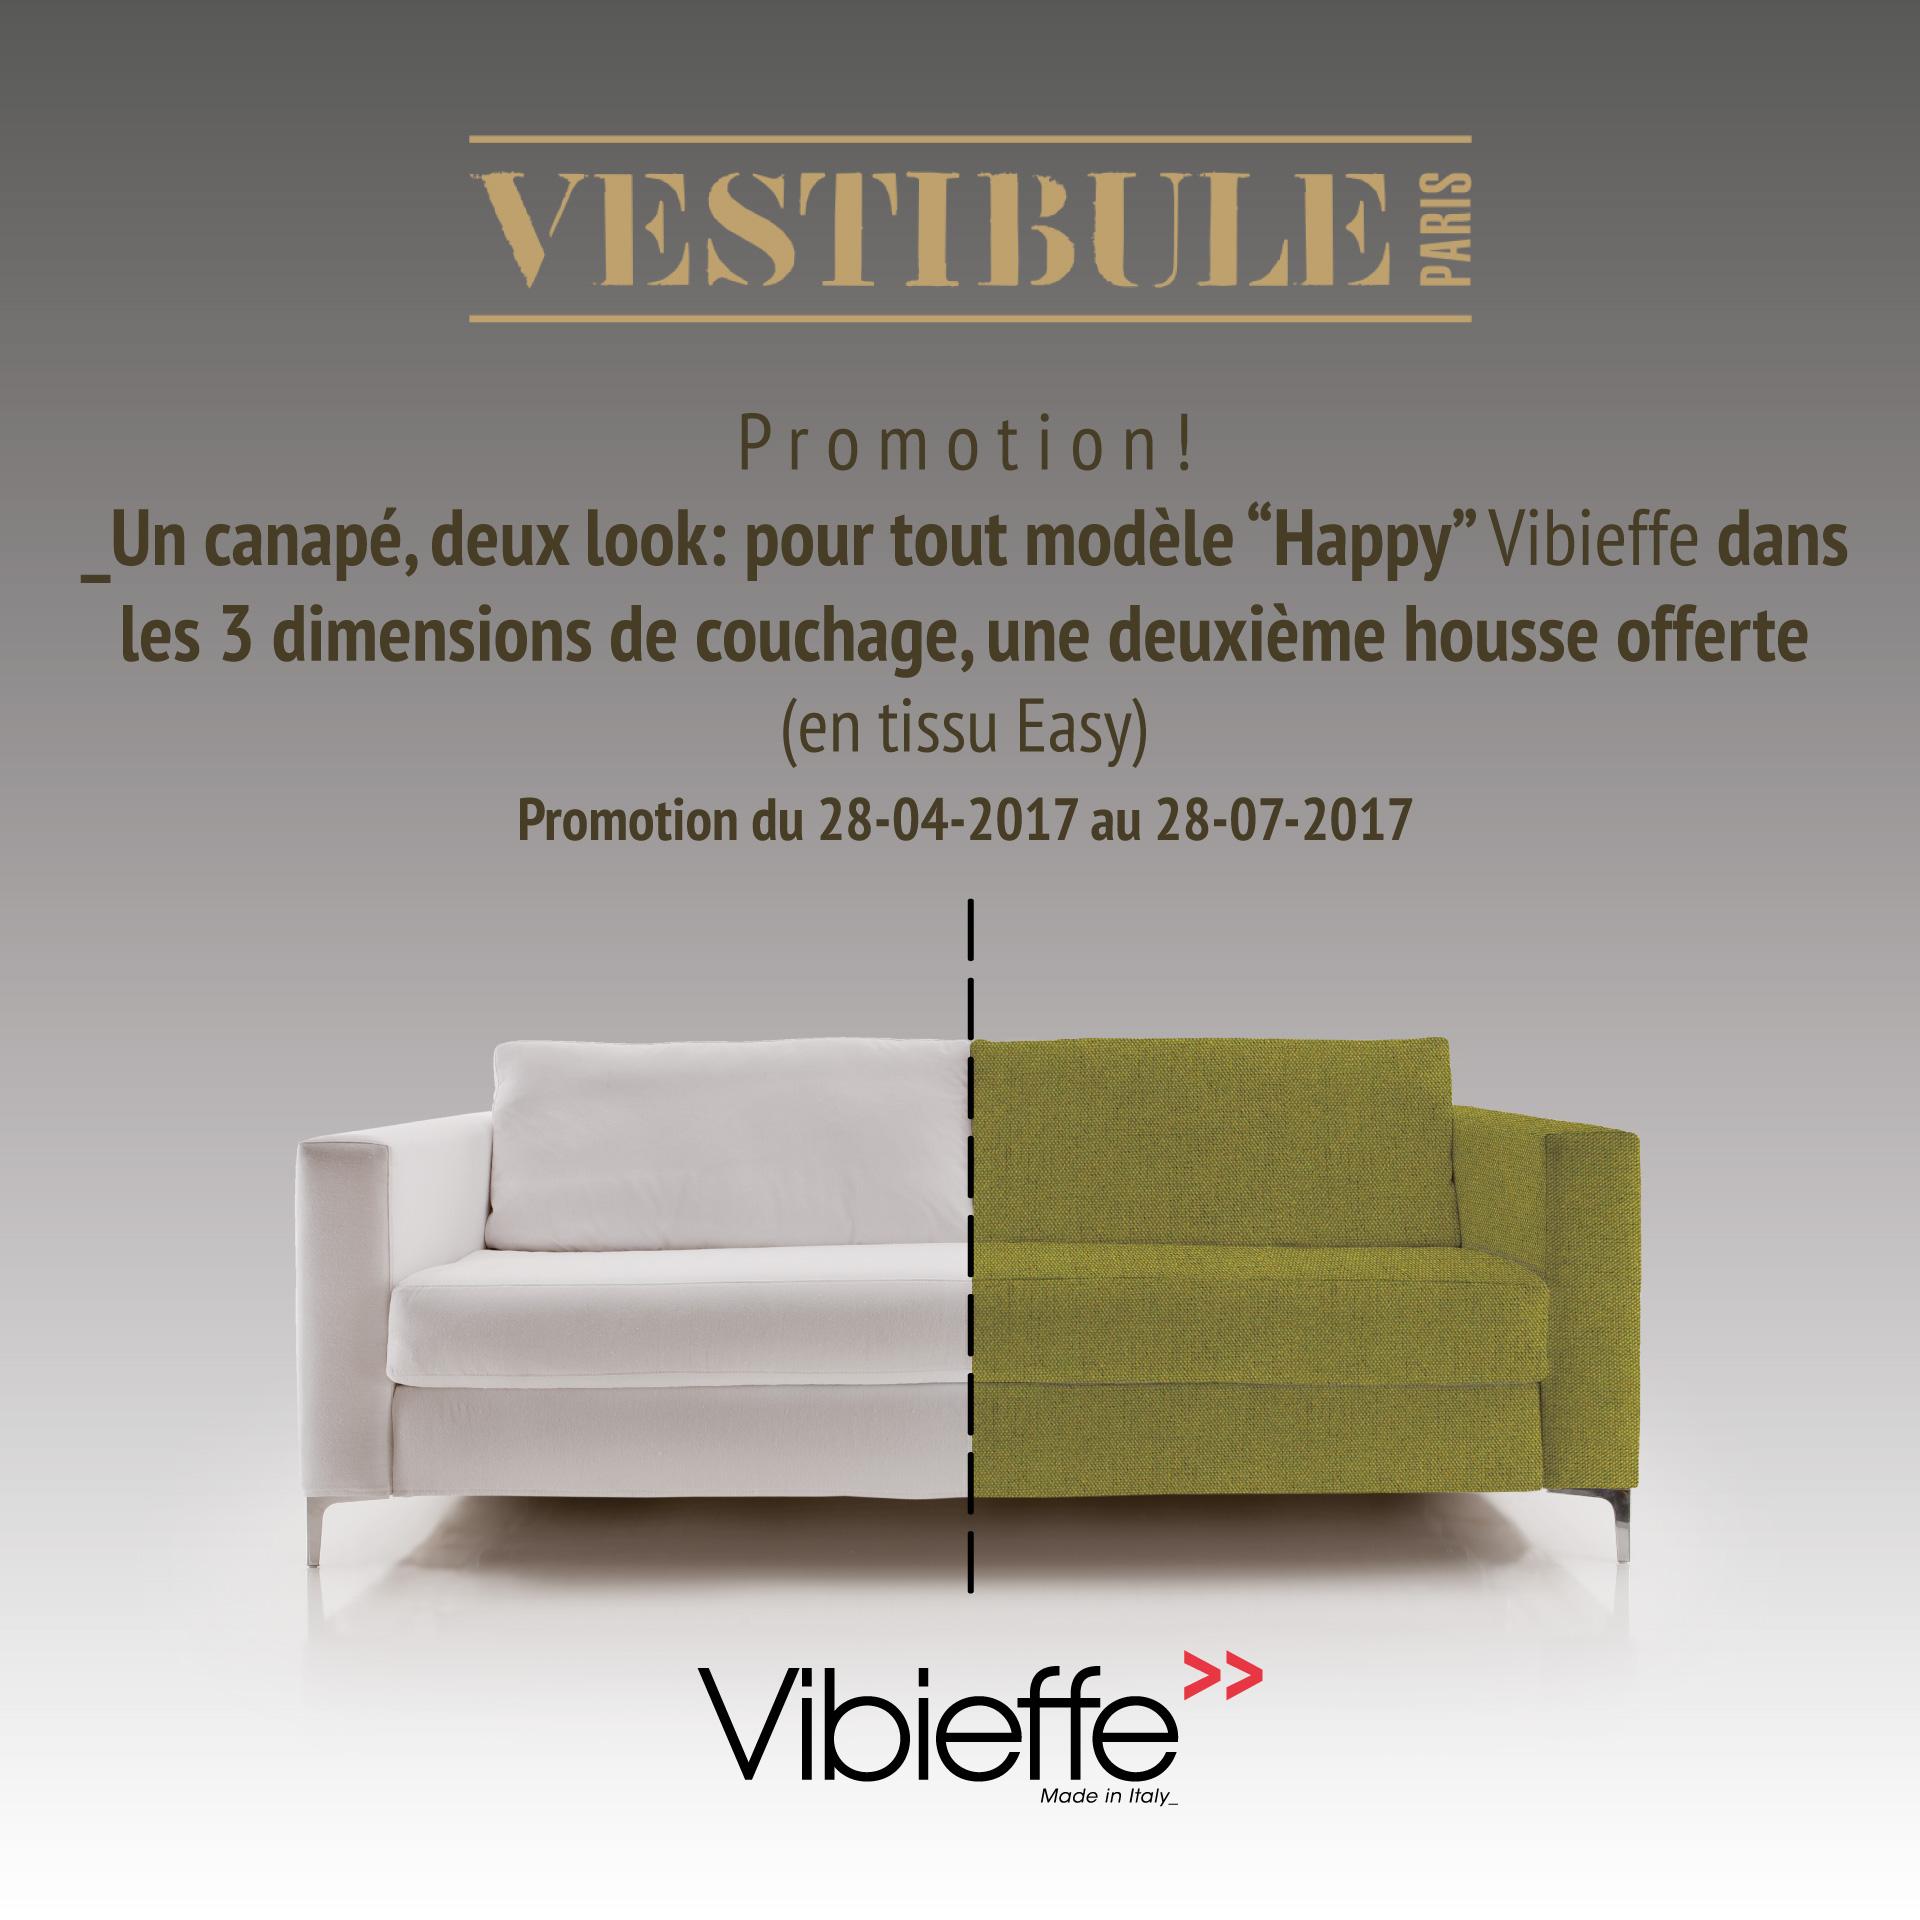 Promozione Vestibule Paris